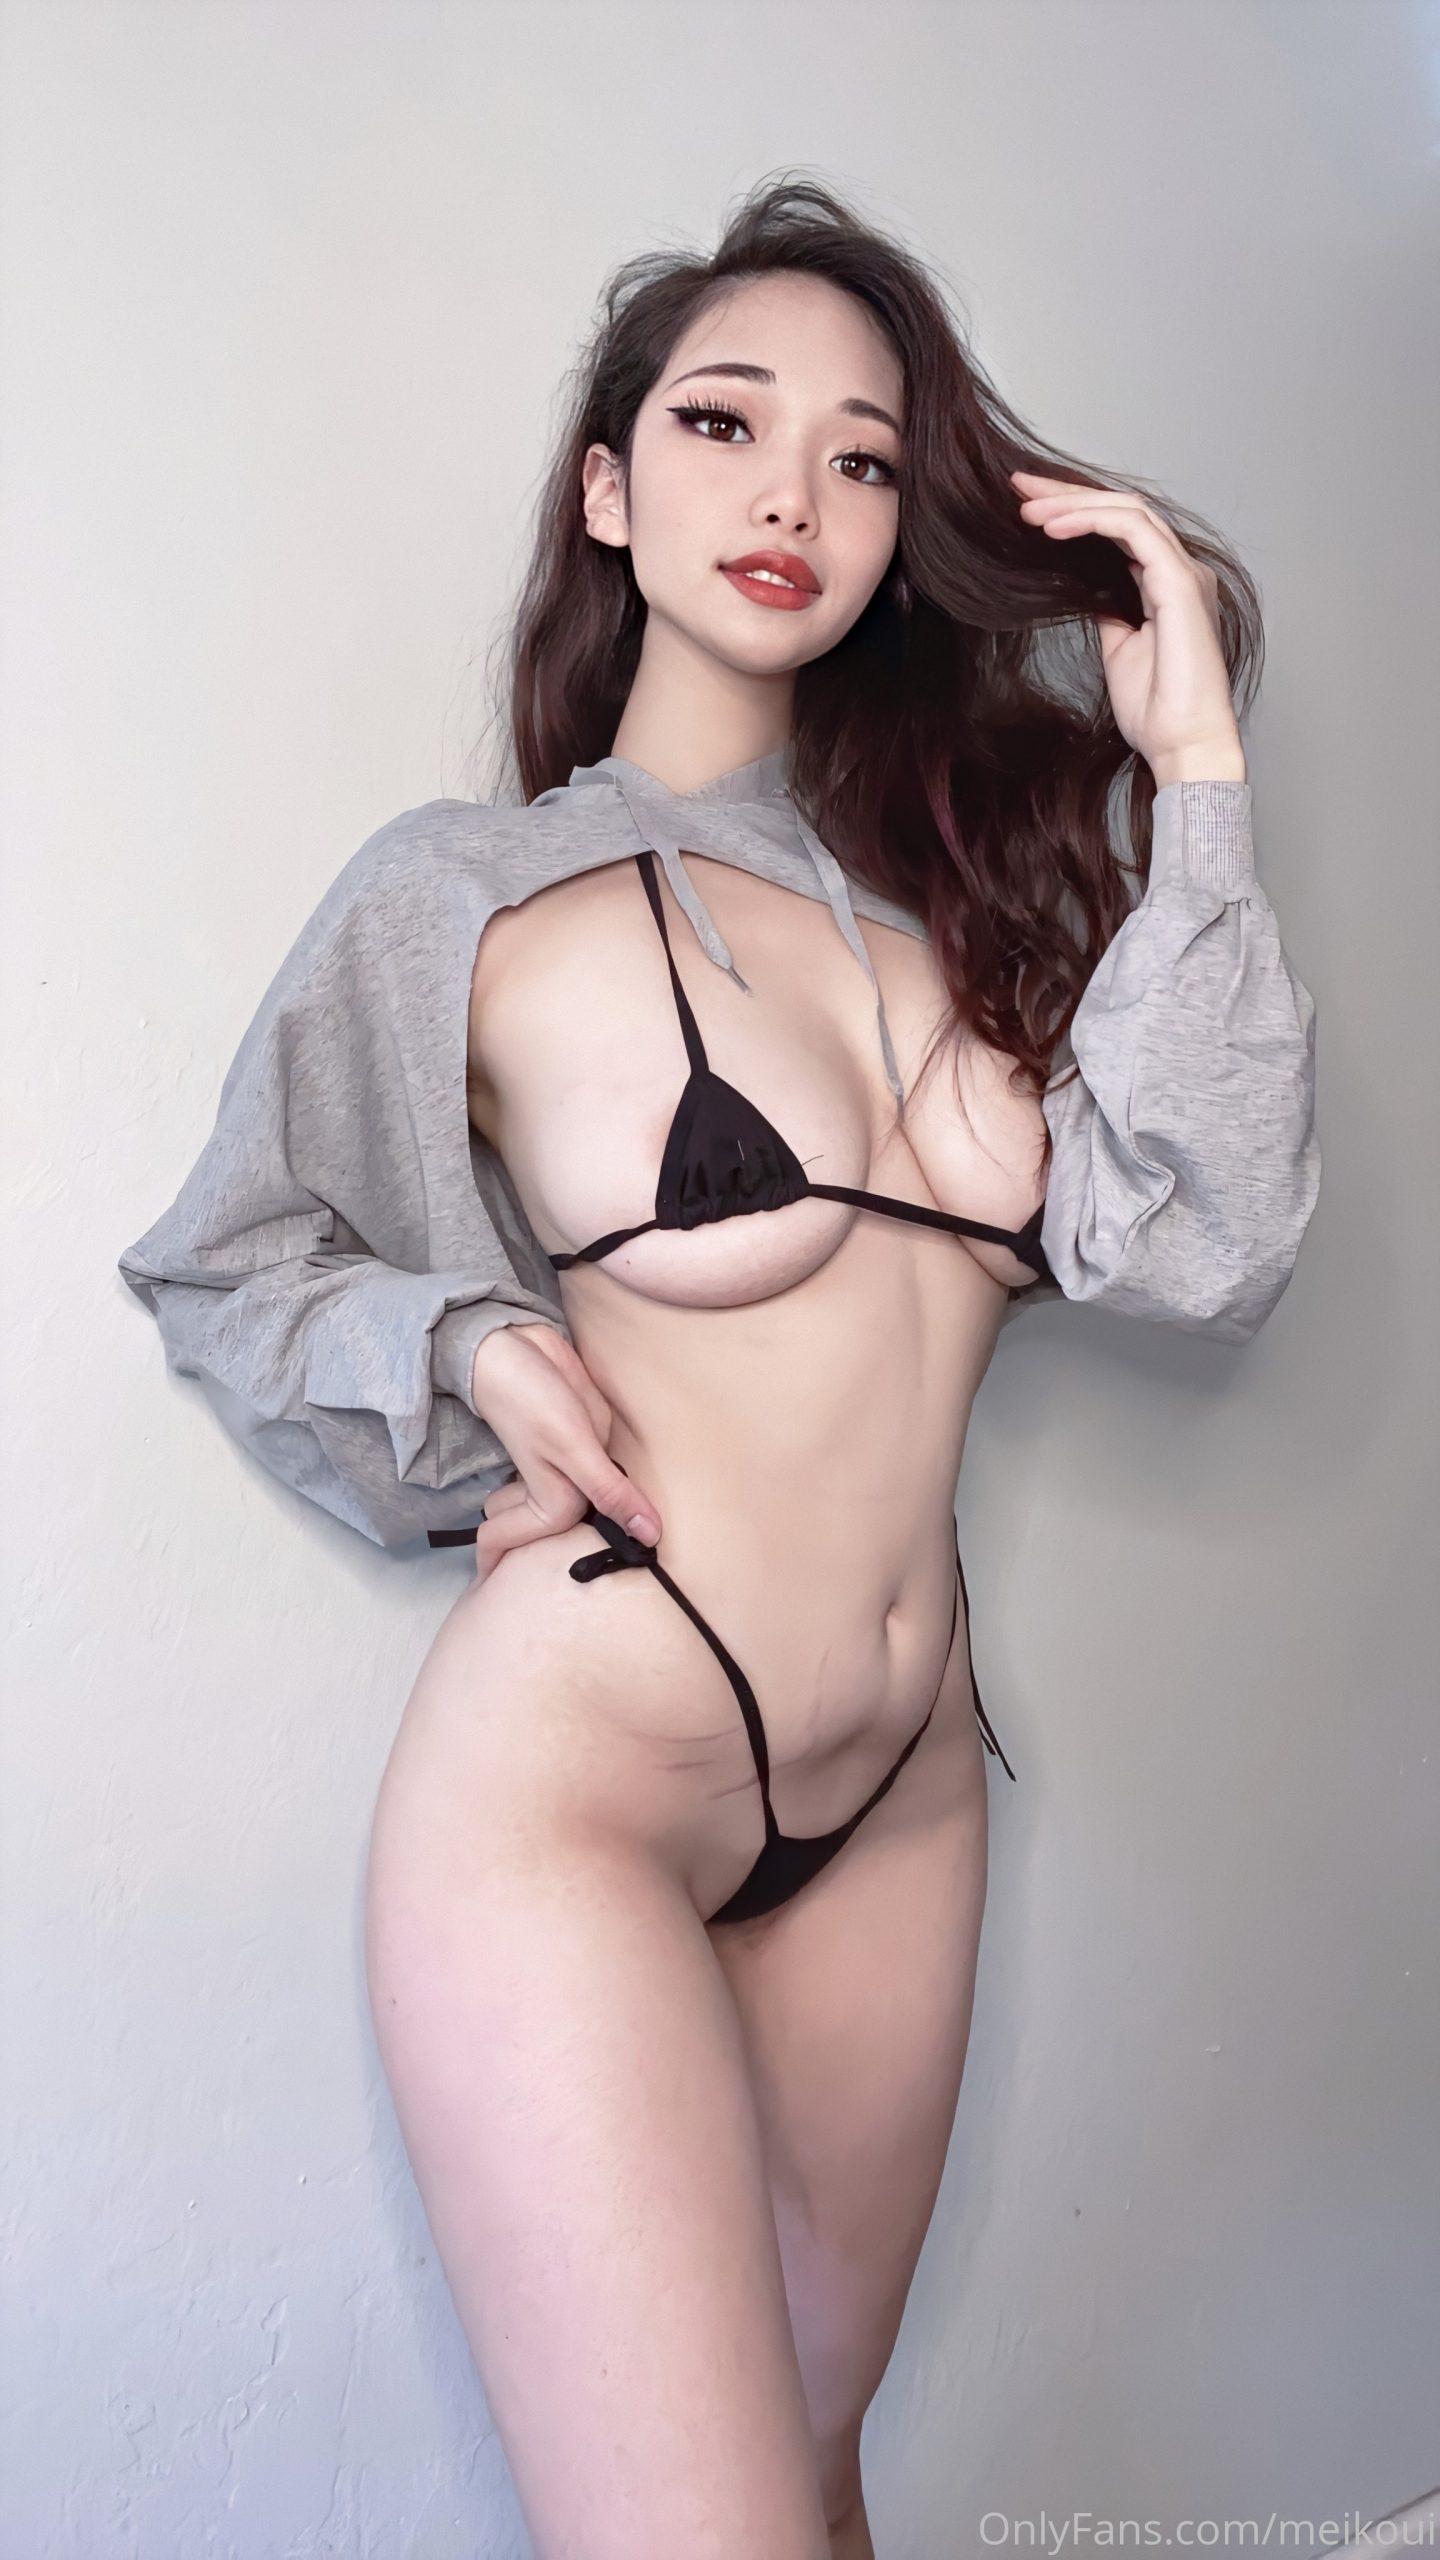 Cosplay, Mei Kou, Meikoui, Onlyfans 0014